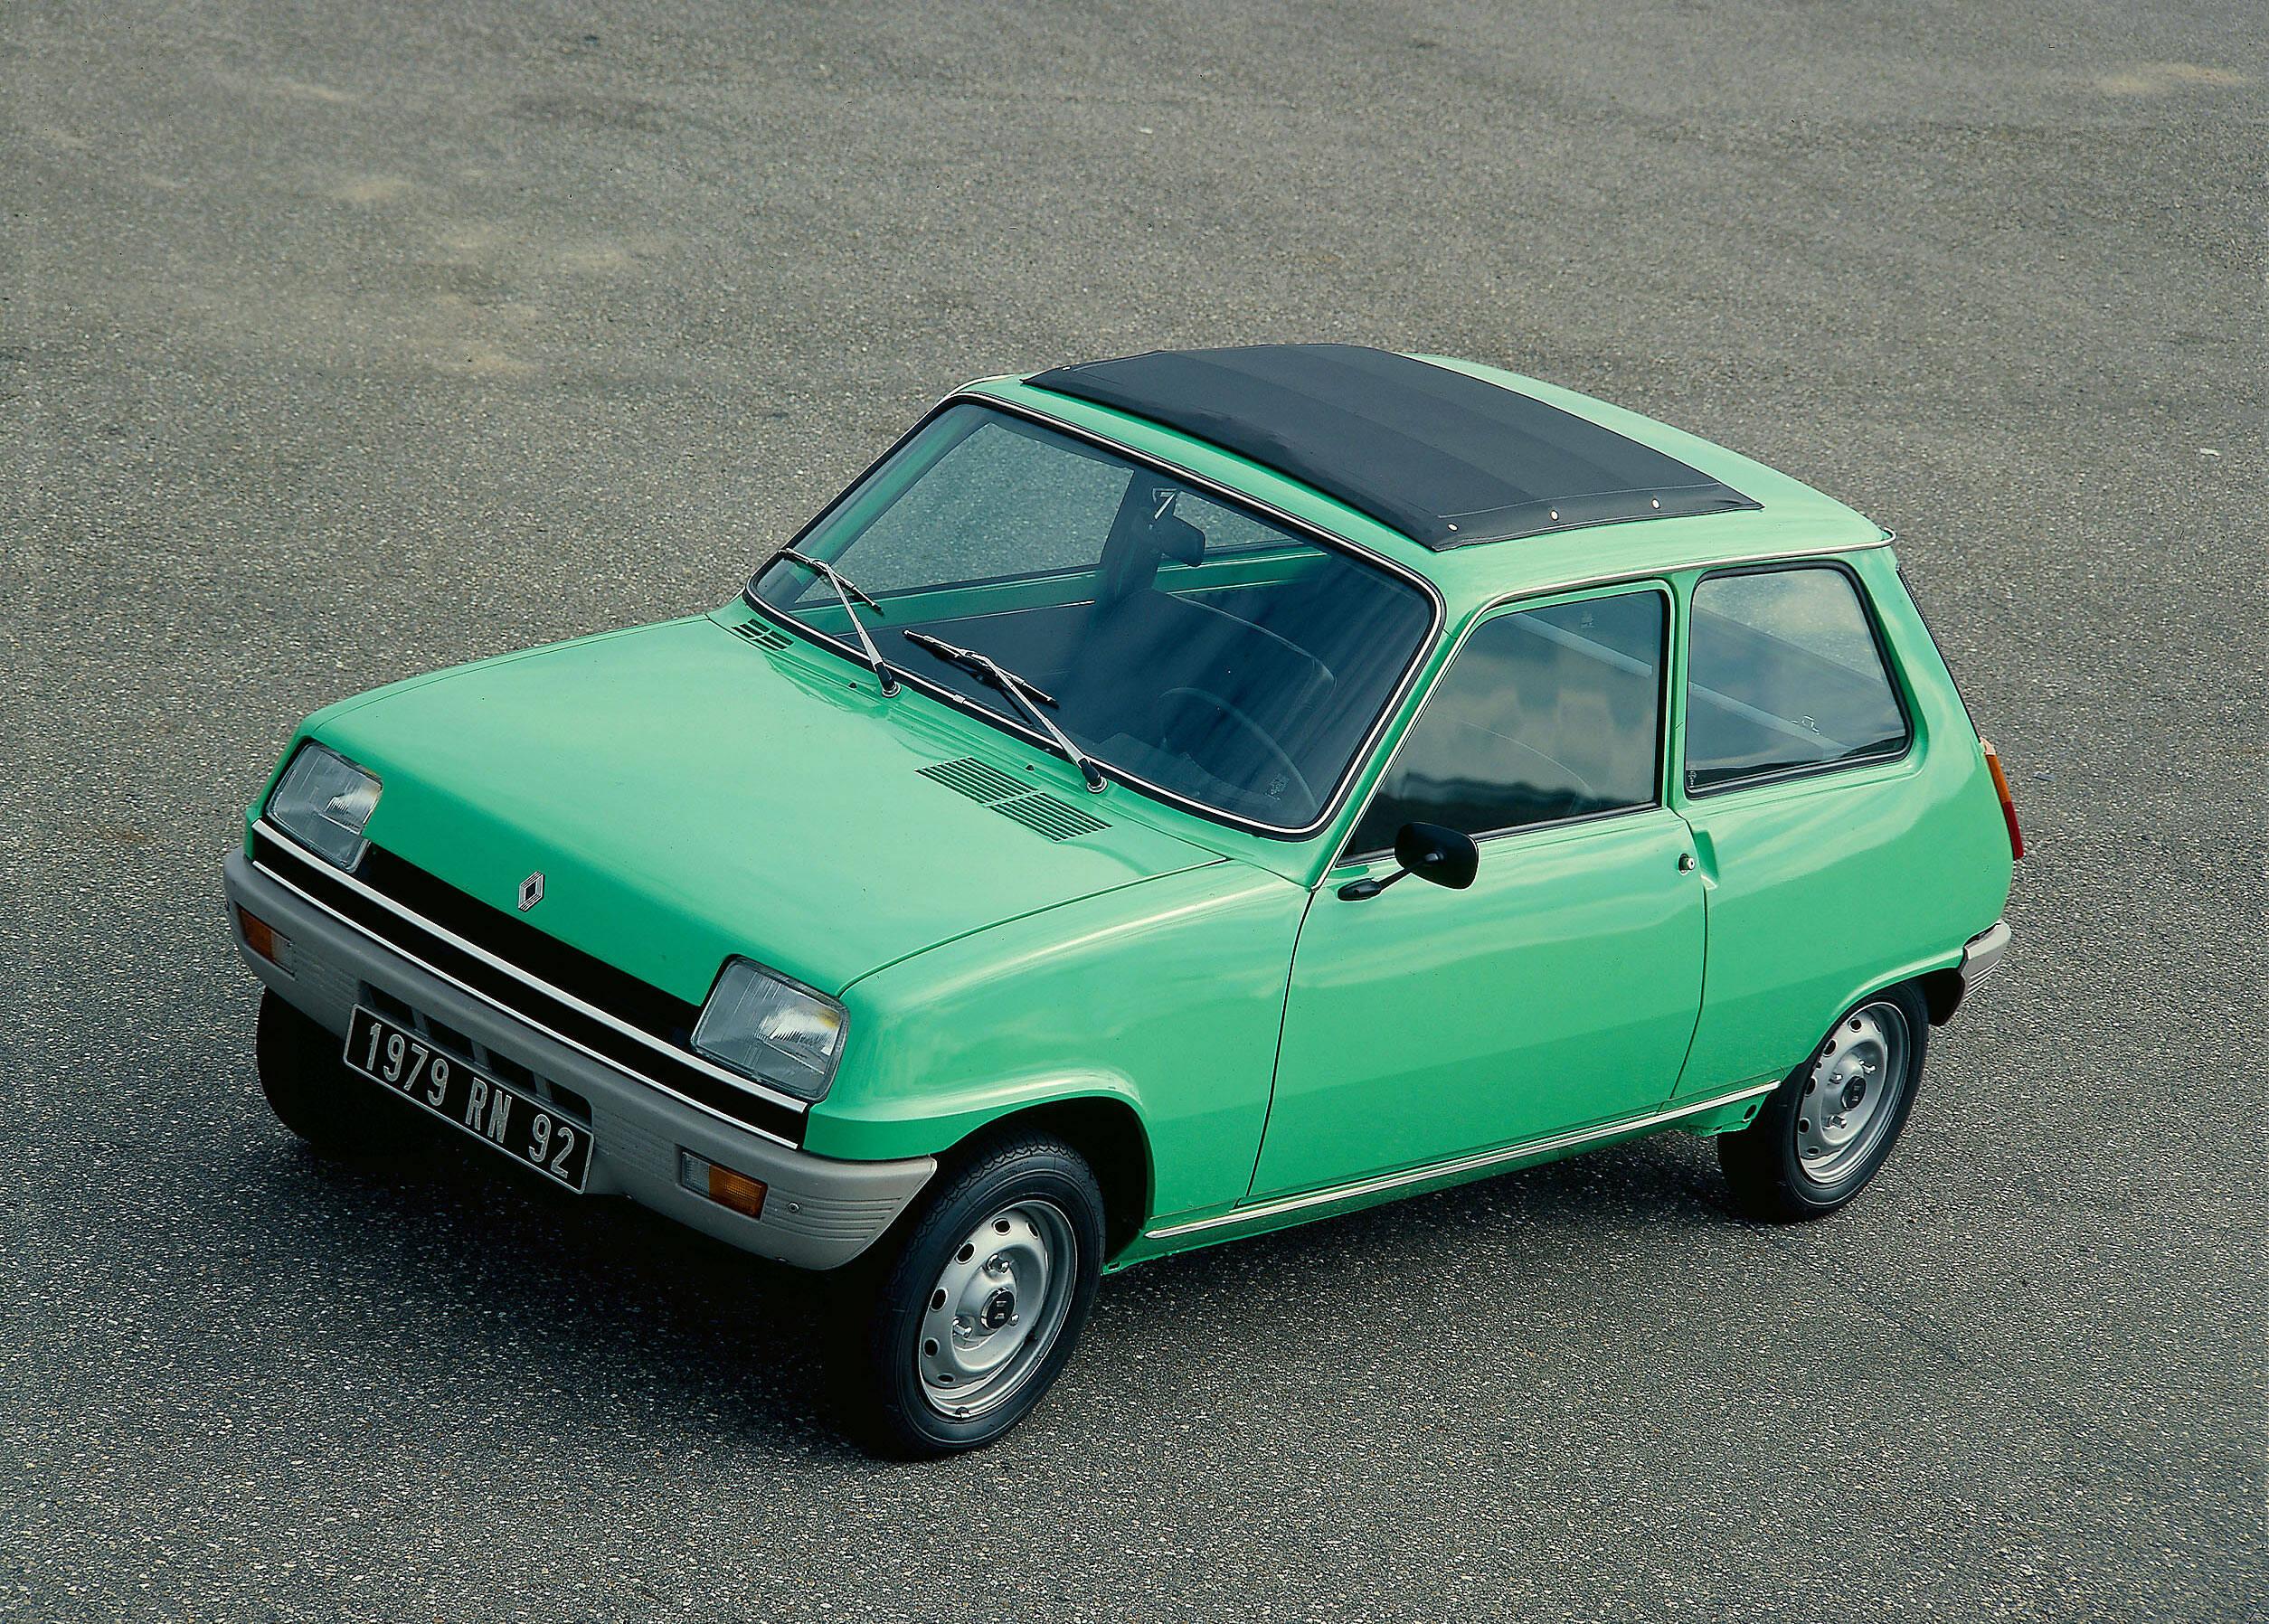 O Renault 5 original dos anos 1970. Foto: Divulgação